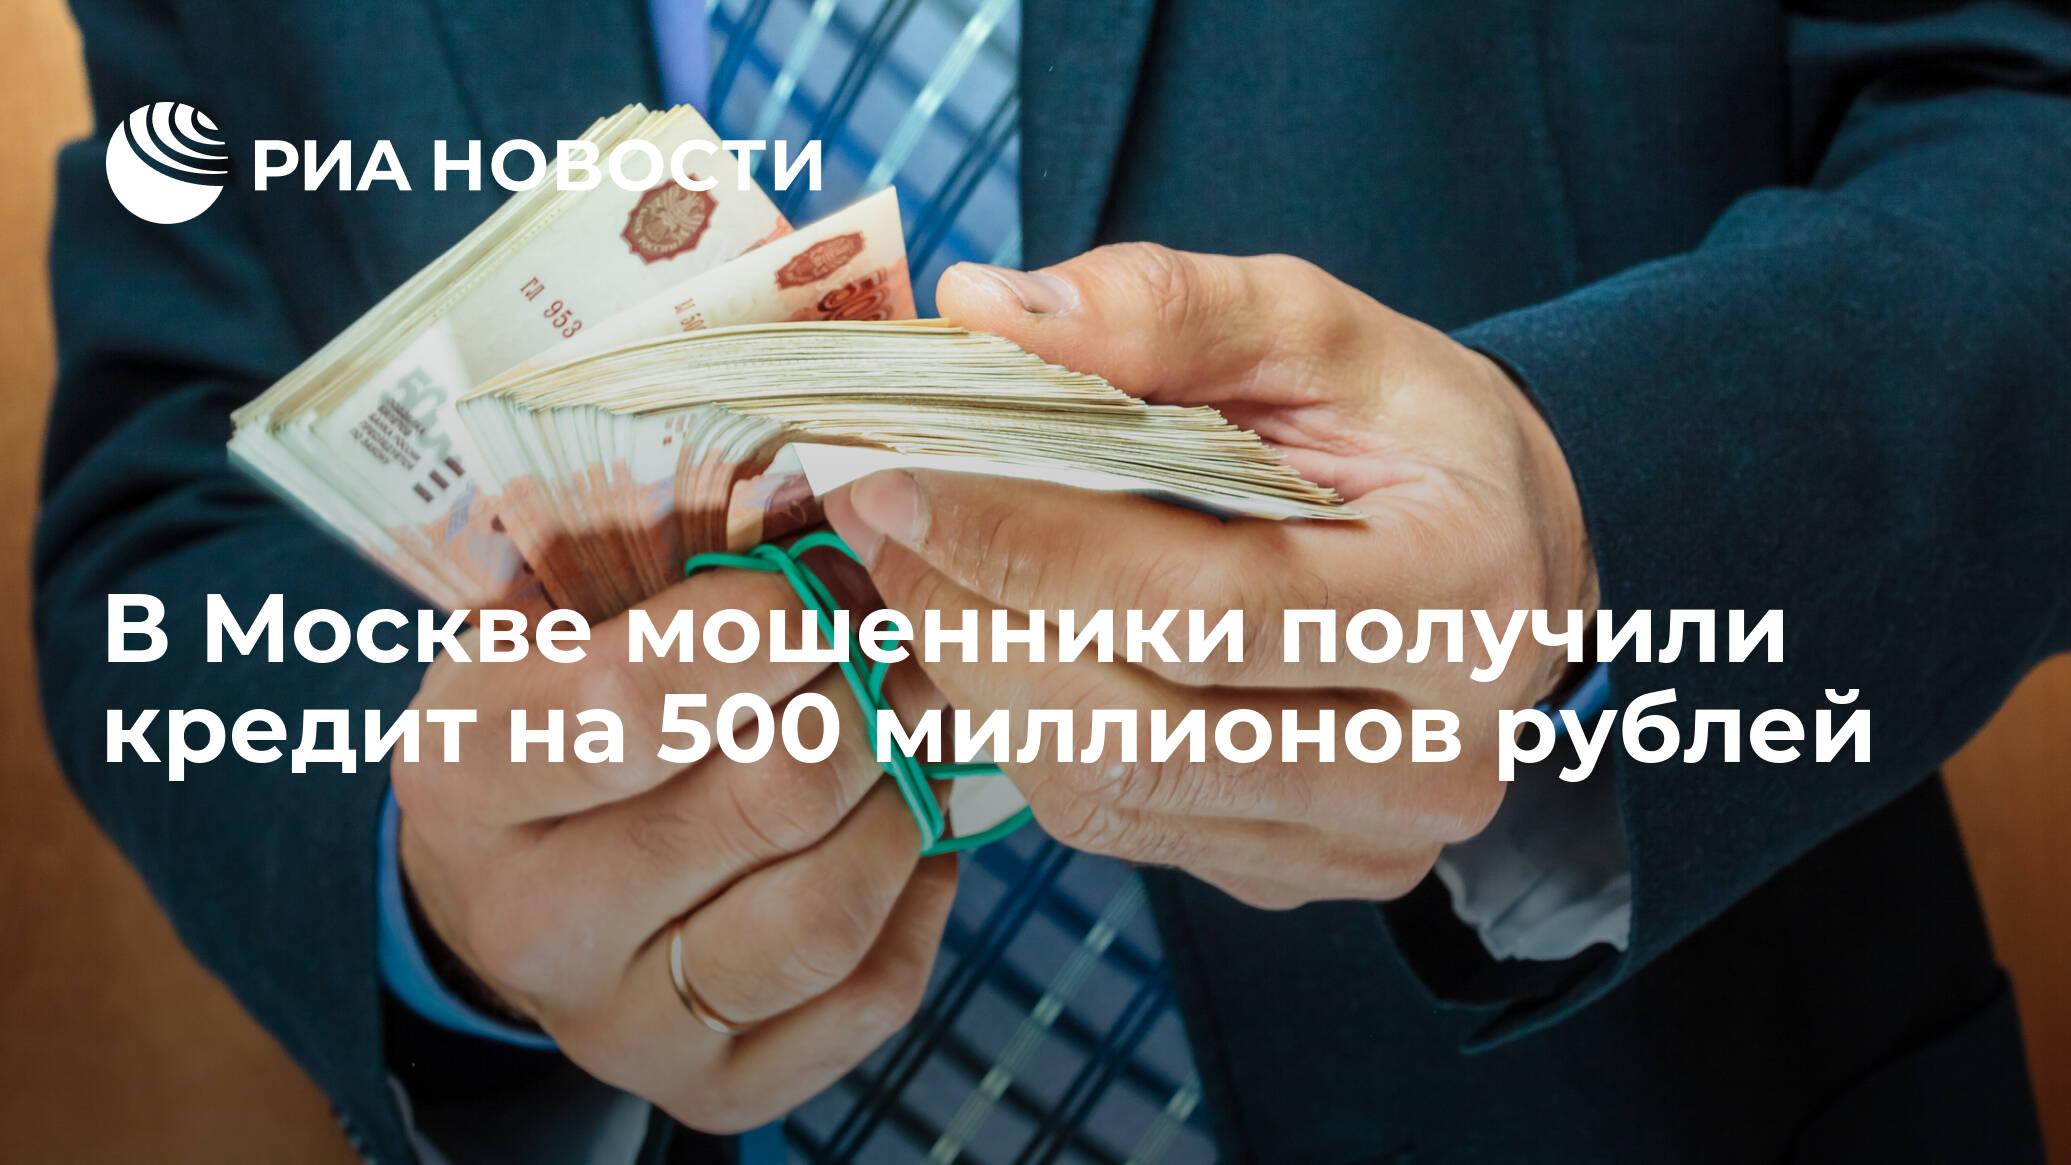 кредит 500 миллионов